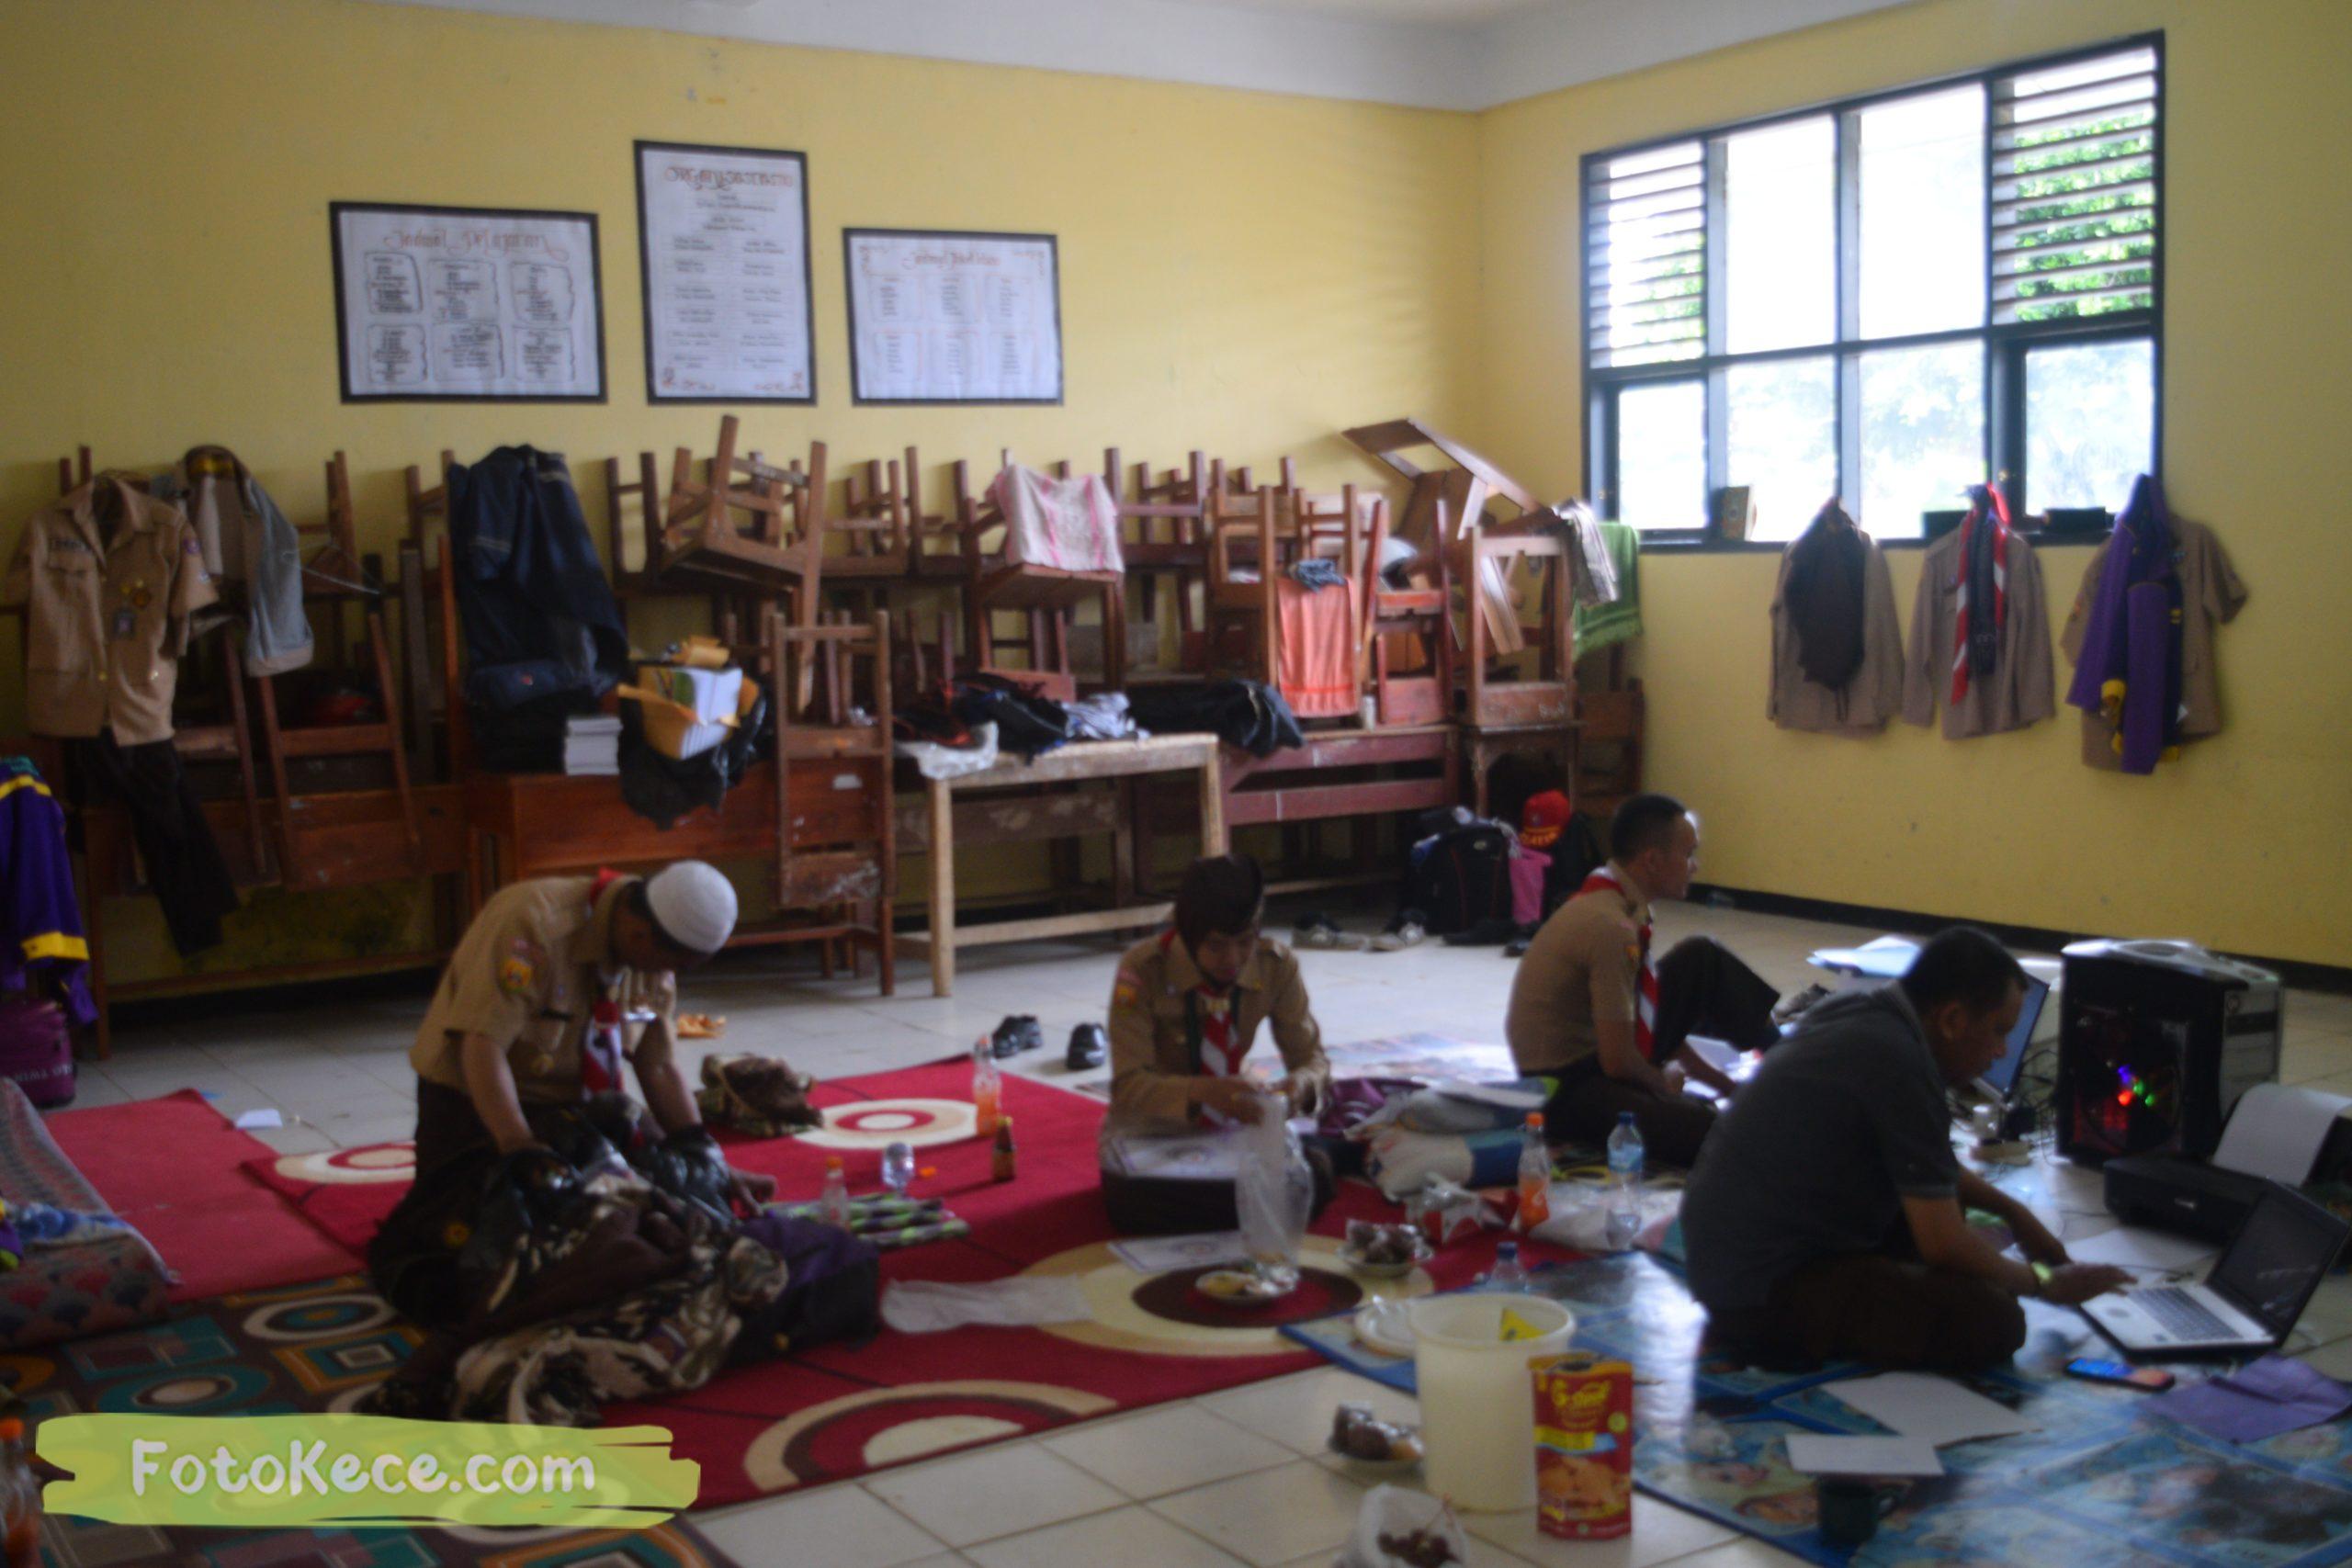 indoor kursus pembina mahir tingkat dasar kmd kwartir ranting surade 2019 fotokece Des 2019 4 scaled